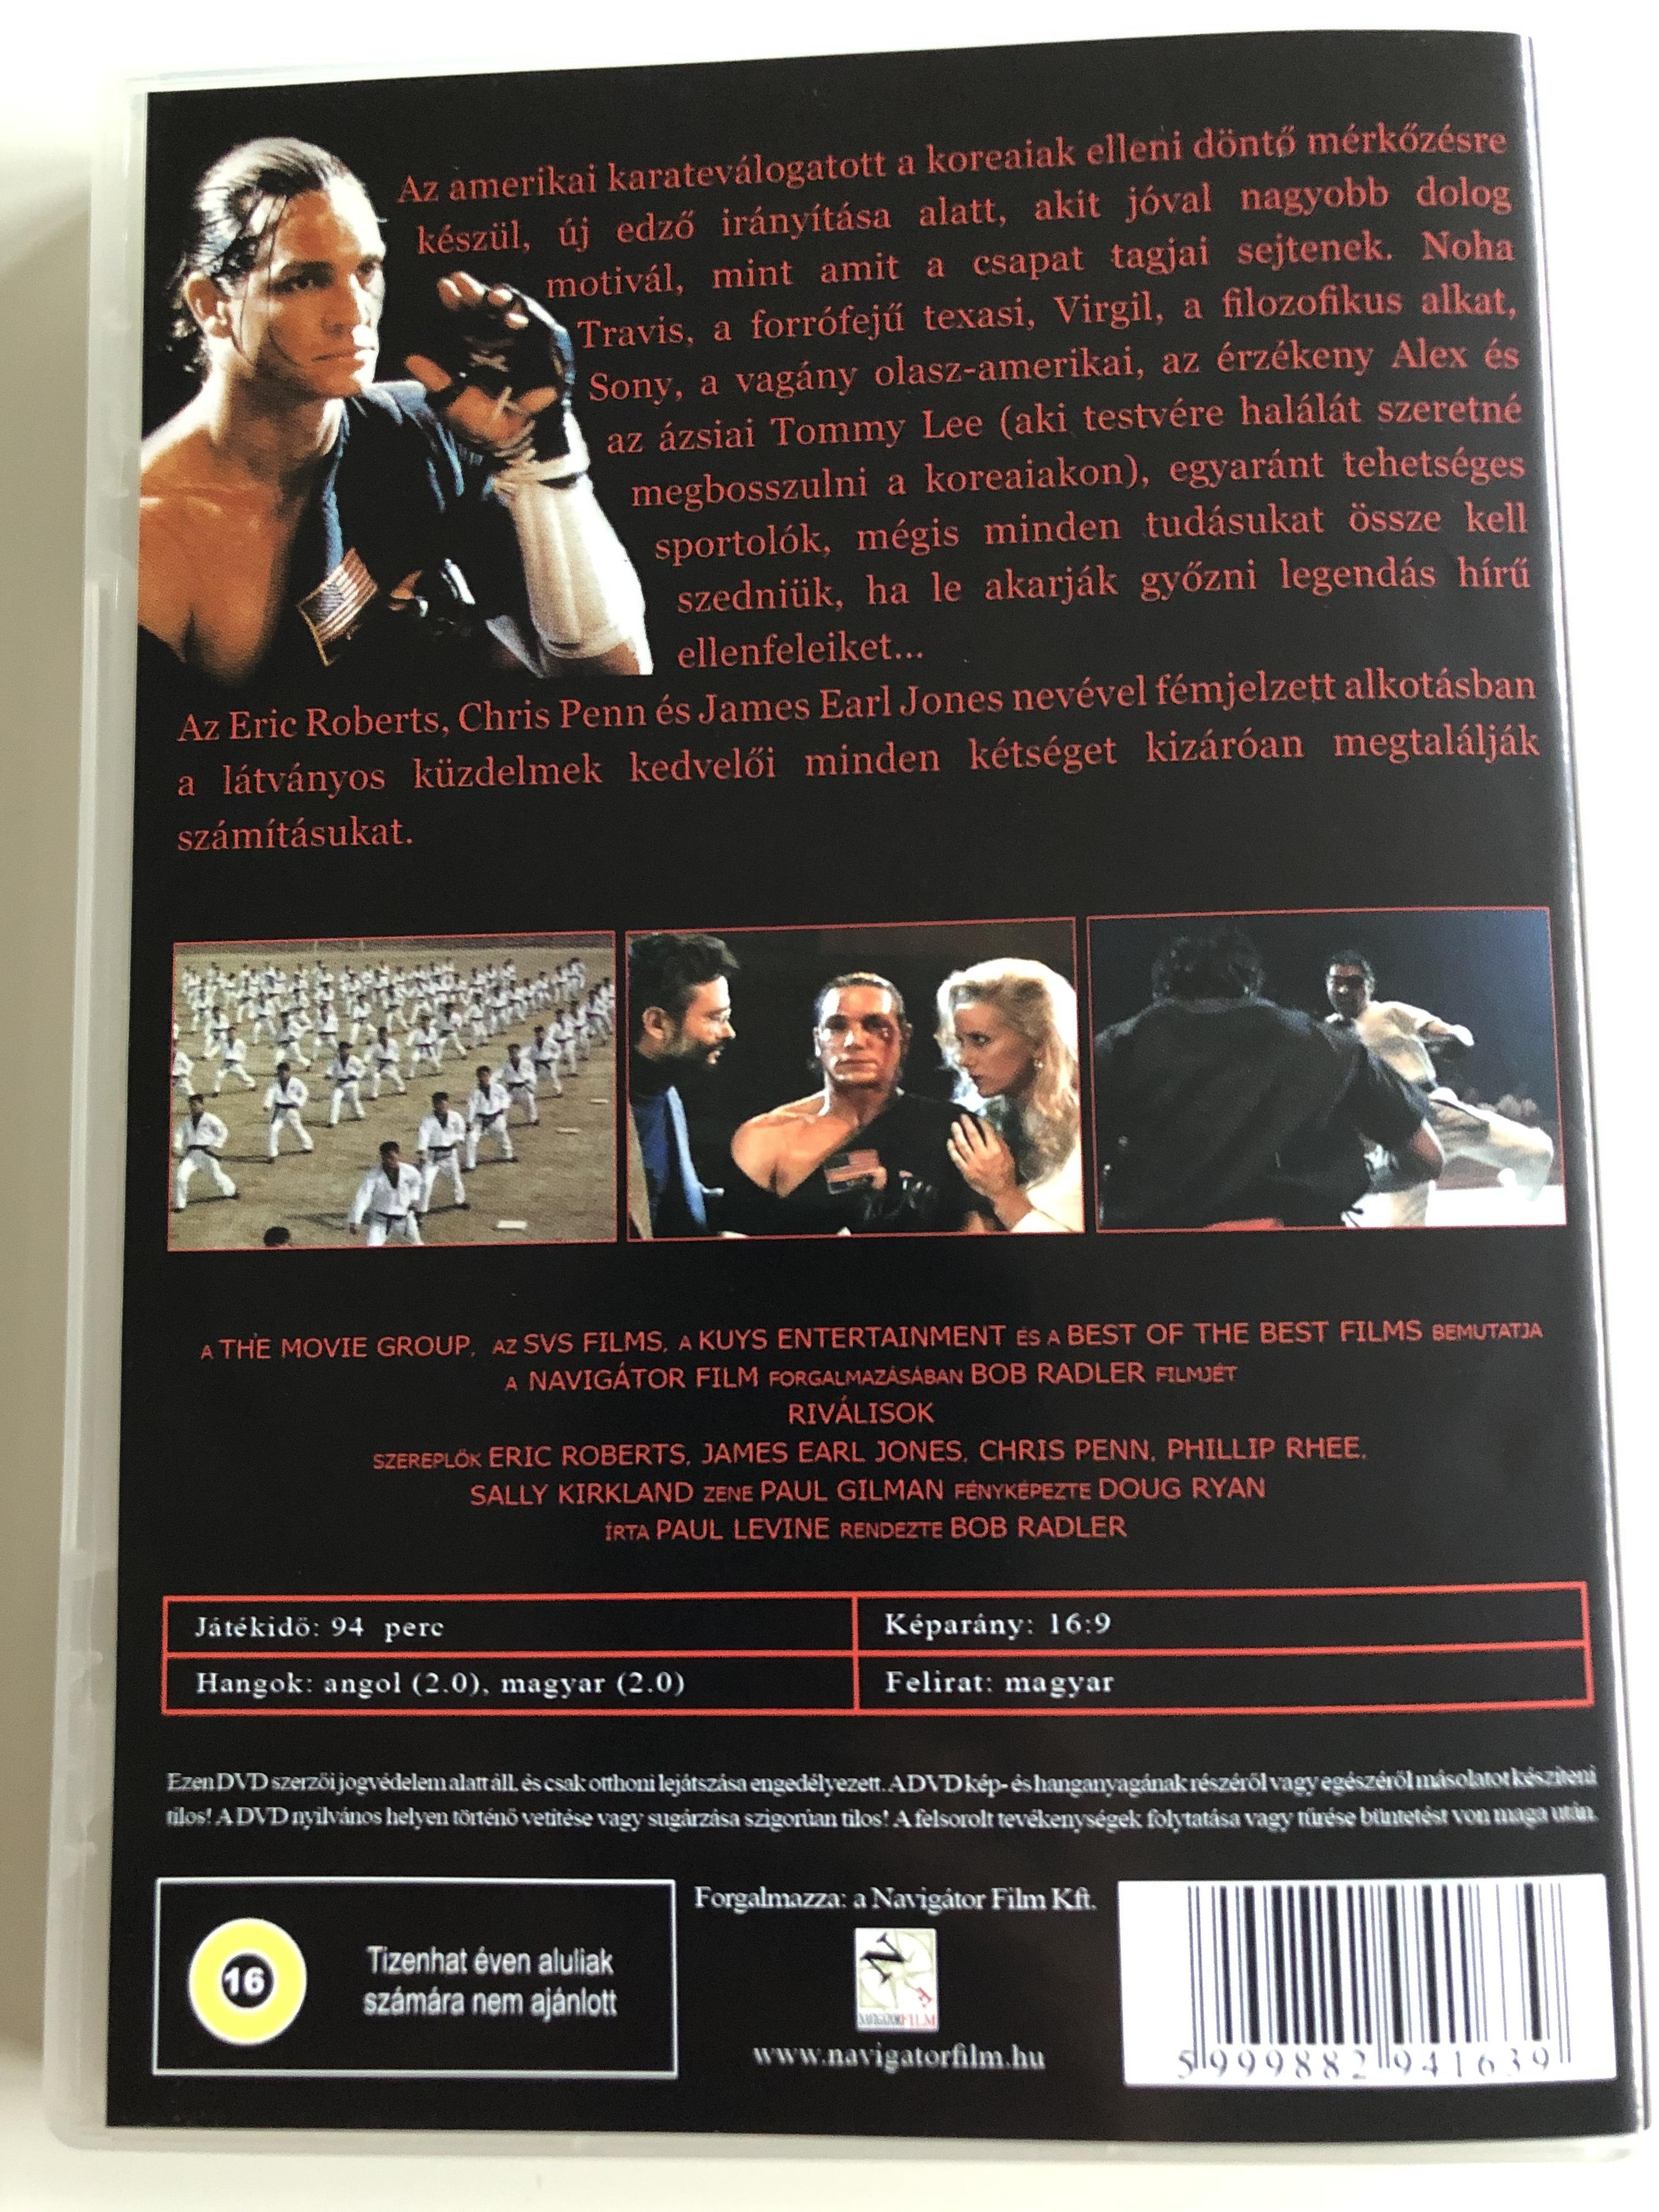 best-of-the-best-dvd-1989-riv-lisok-directed-by-robert-radler-starring-eric-roberts-james-earl-jones-sally-kirkland-phillip-rhee-john-p.-ryan-john-dye-david-agresta-2-.jpg